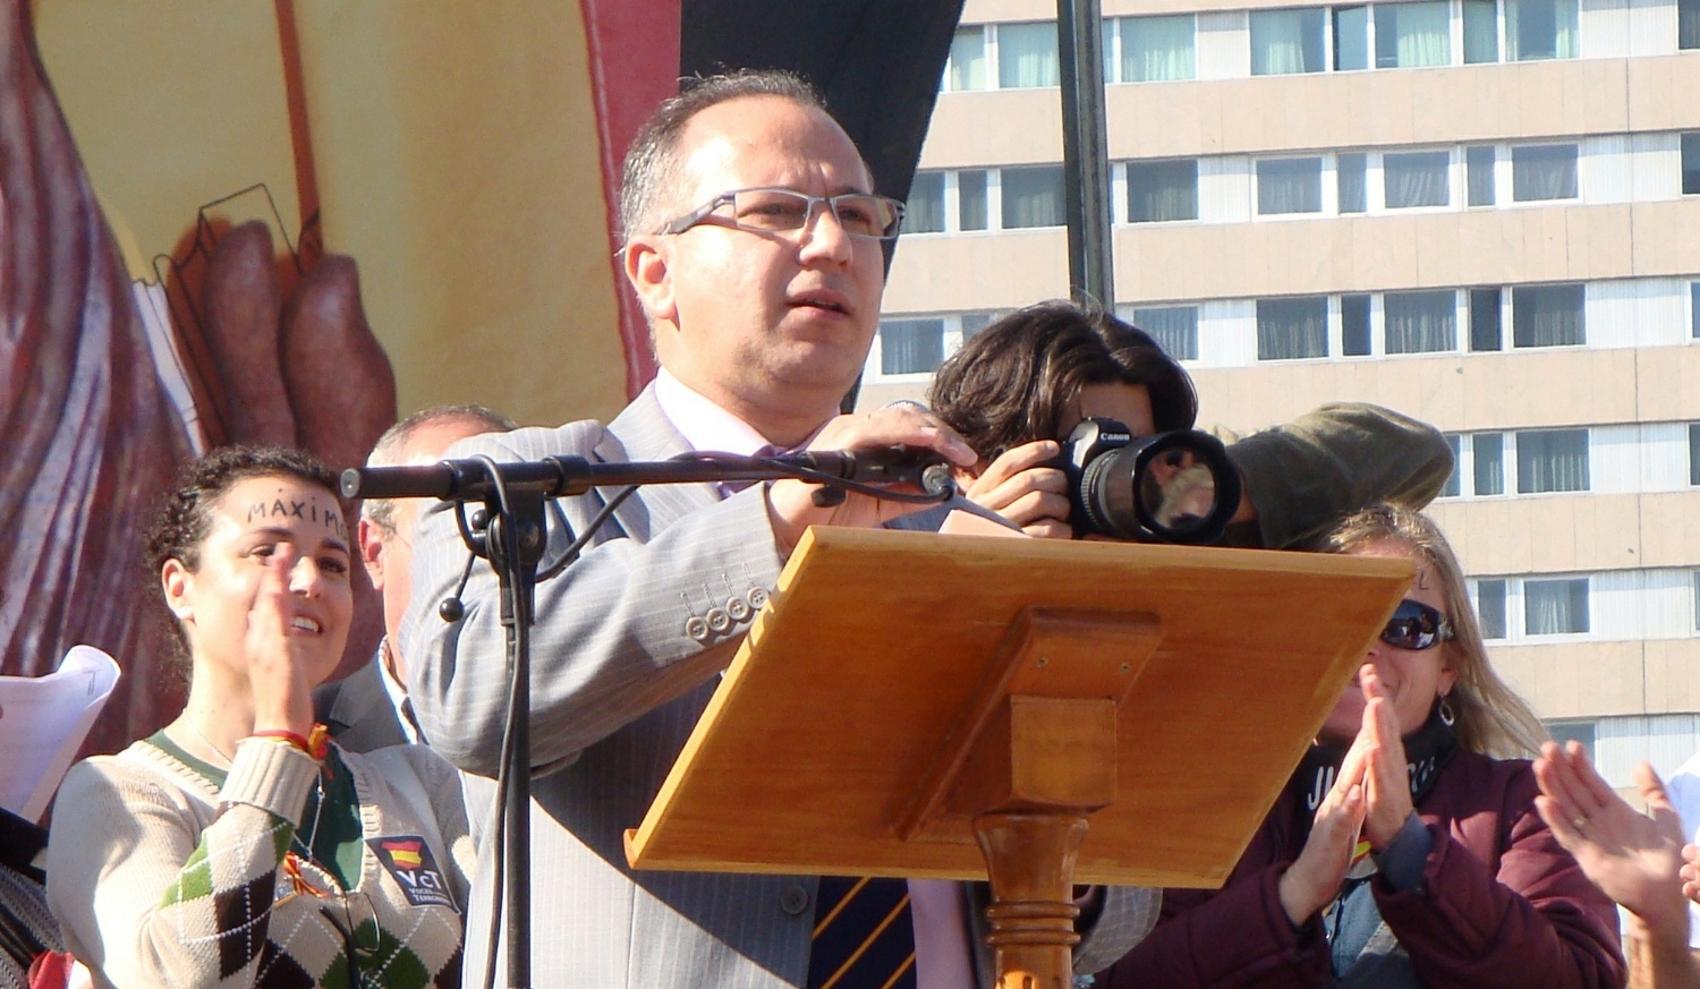 """VCT exige la dimisión de Pedraza por """"haberse convertido en copartícipe"""" de la traición del PP a víctimas del terrorismo"""